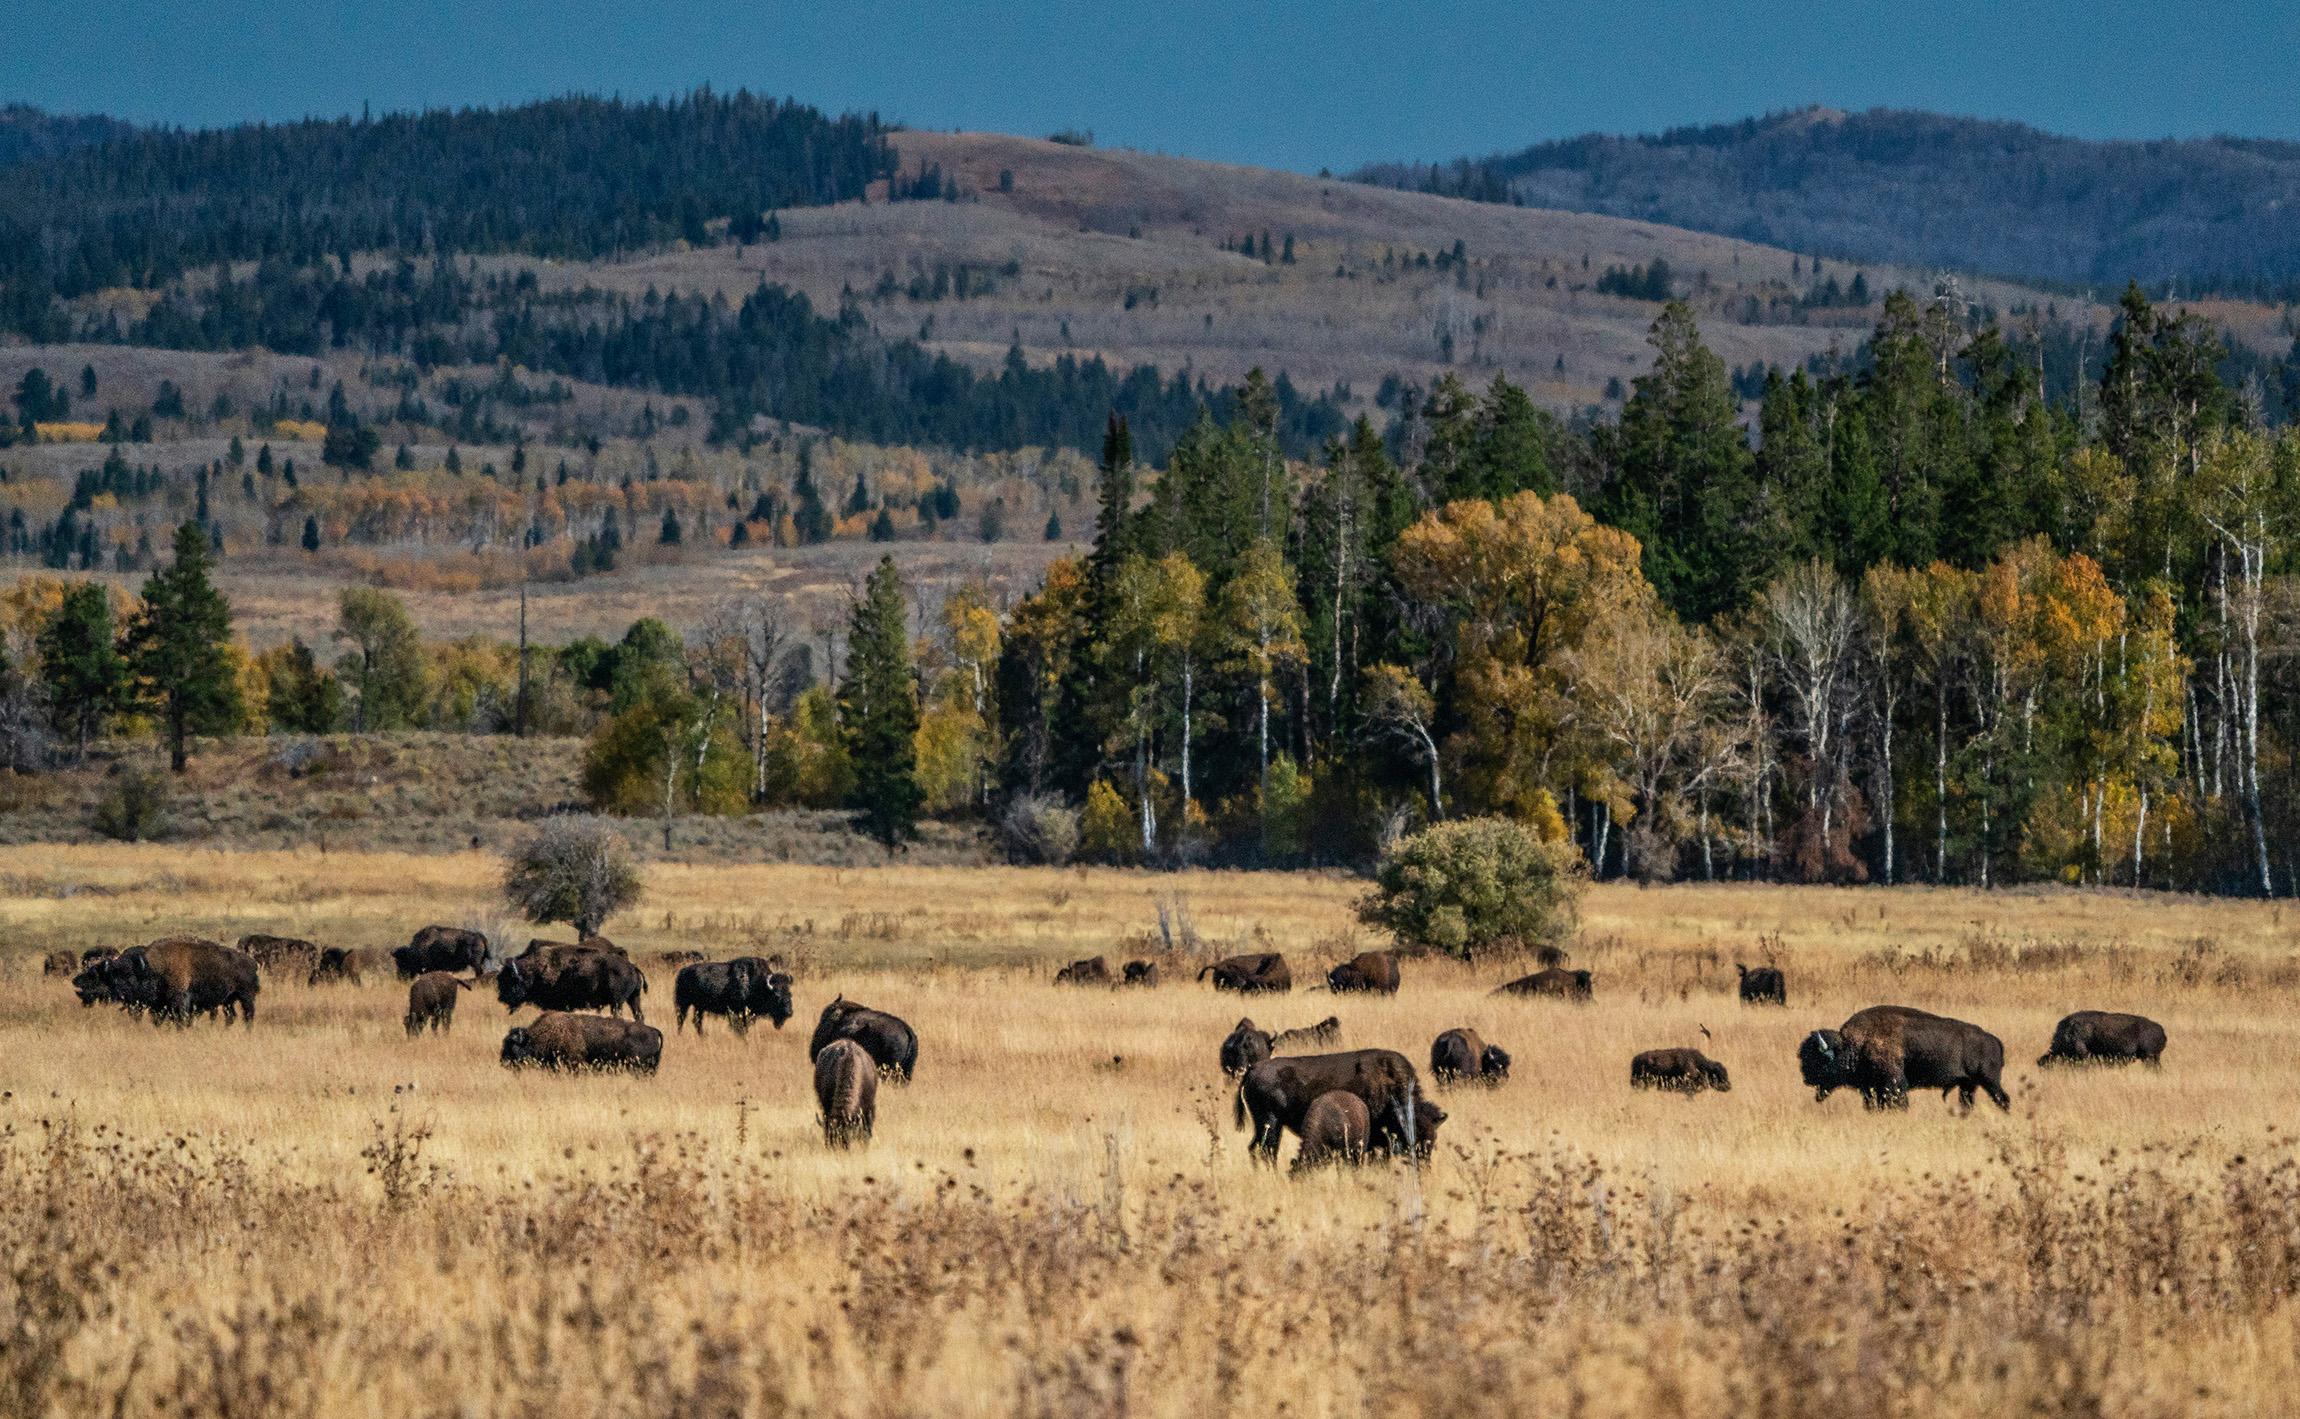 #bison, #buffalo, #grandtetonnationalpark, #jacksonhole, #jacksonholeairport, #wildlife, #landscape, #sony